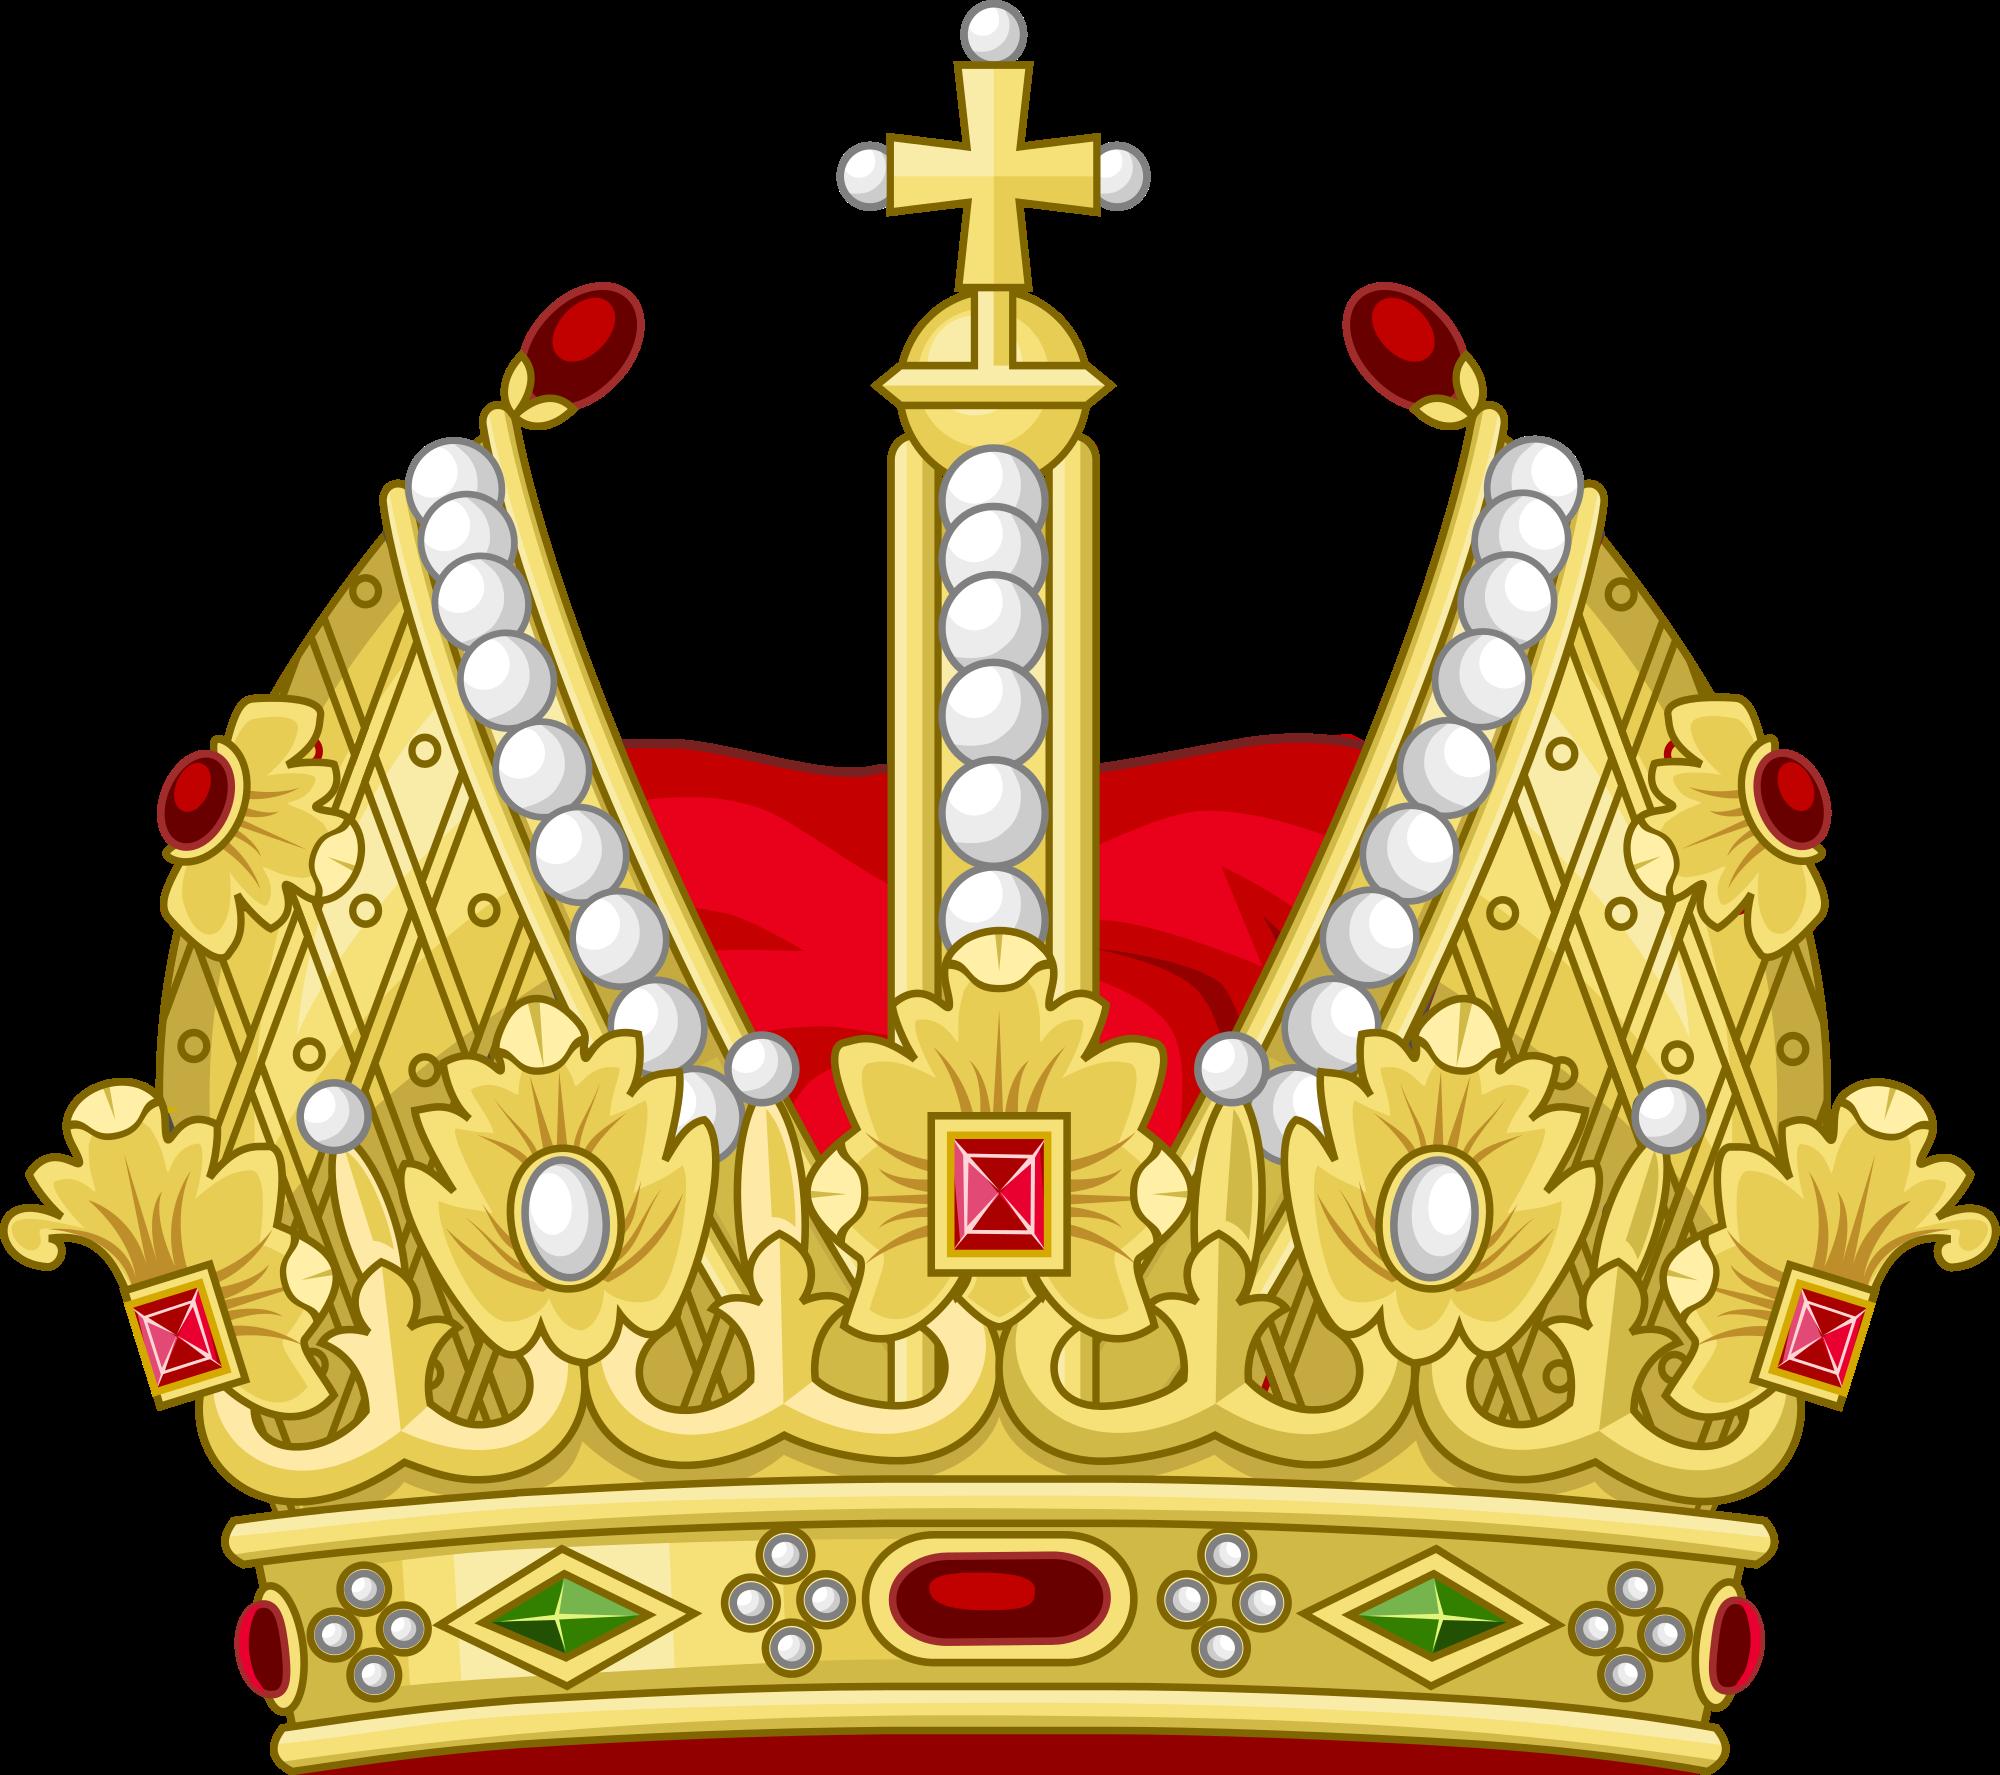 Piano clipart footloose. Crowns emperor crown graphics